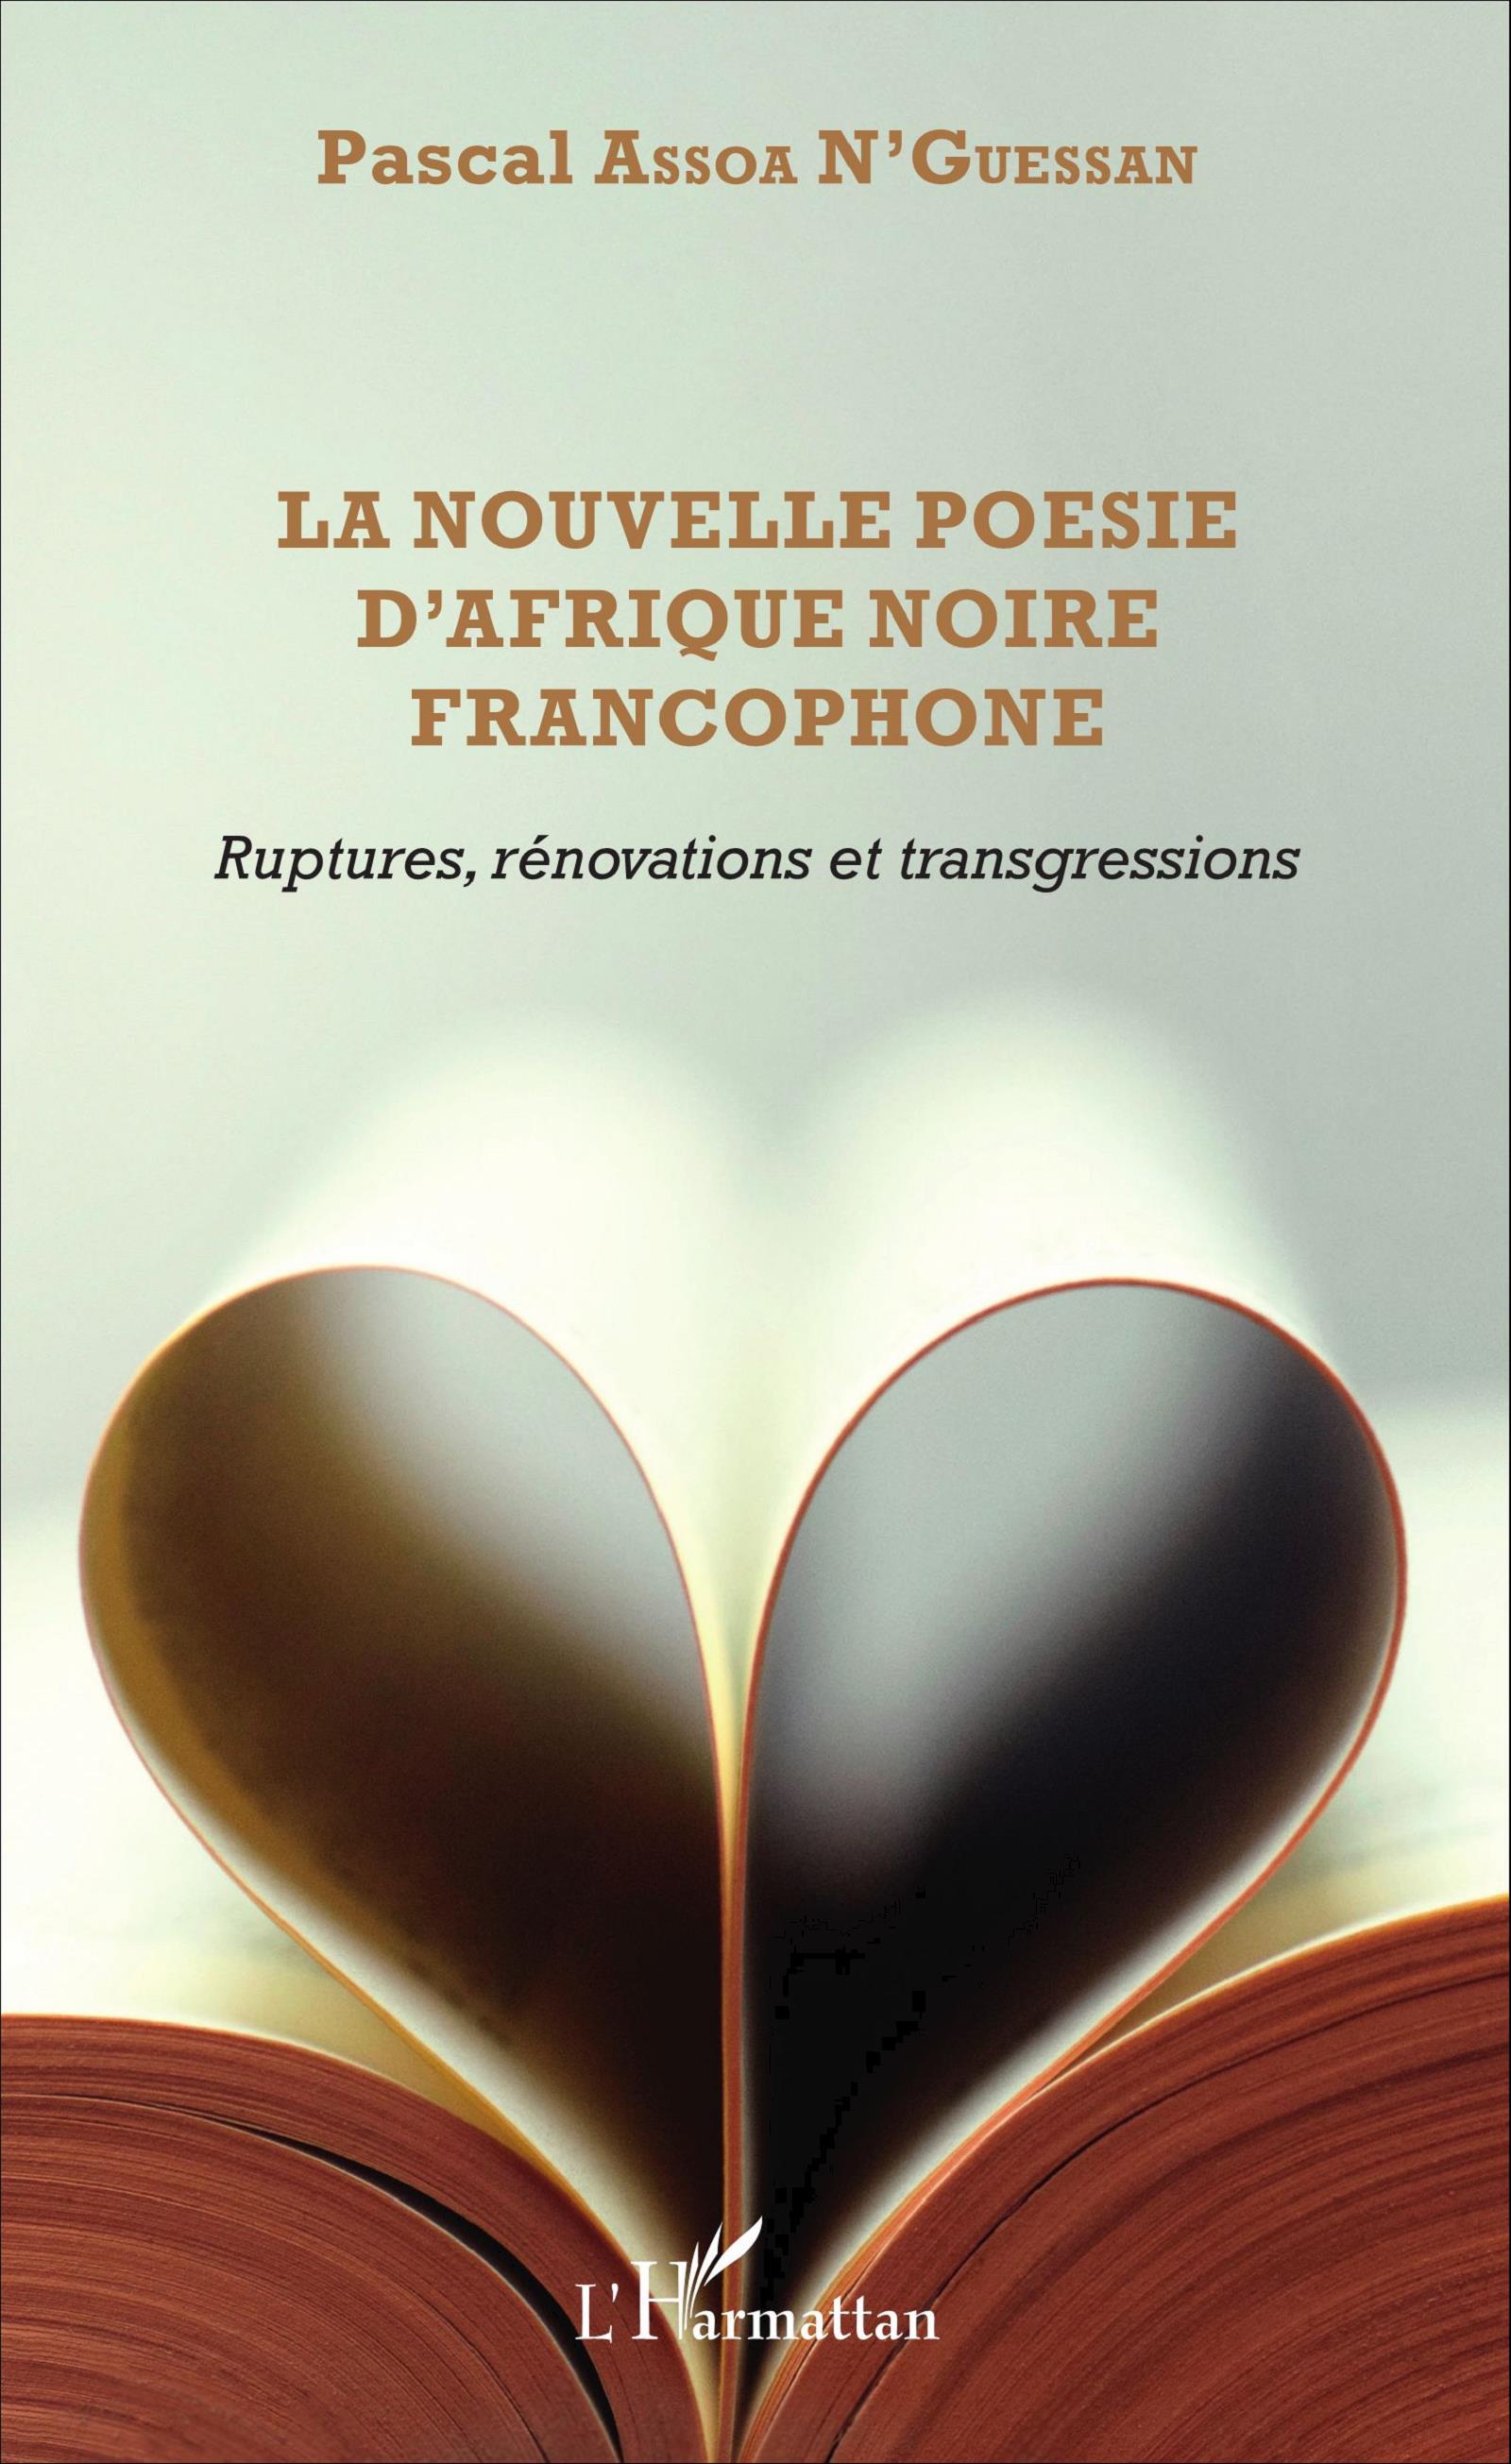 P. N'Guessan Assoa, La Nouvelle Poésie d'Afrique noire francophone